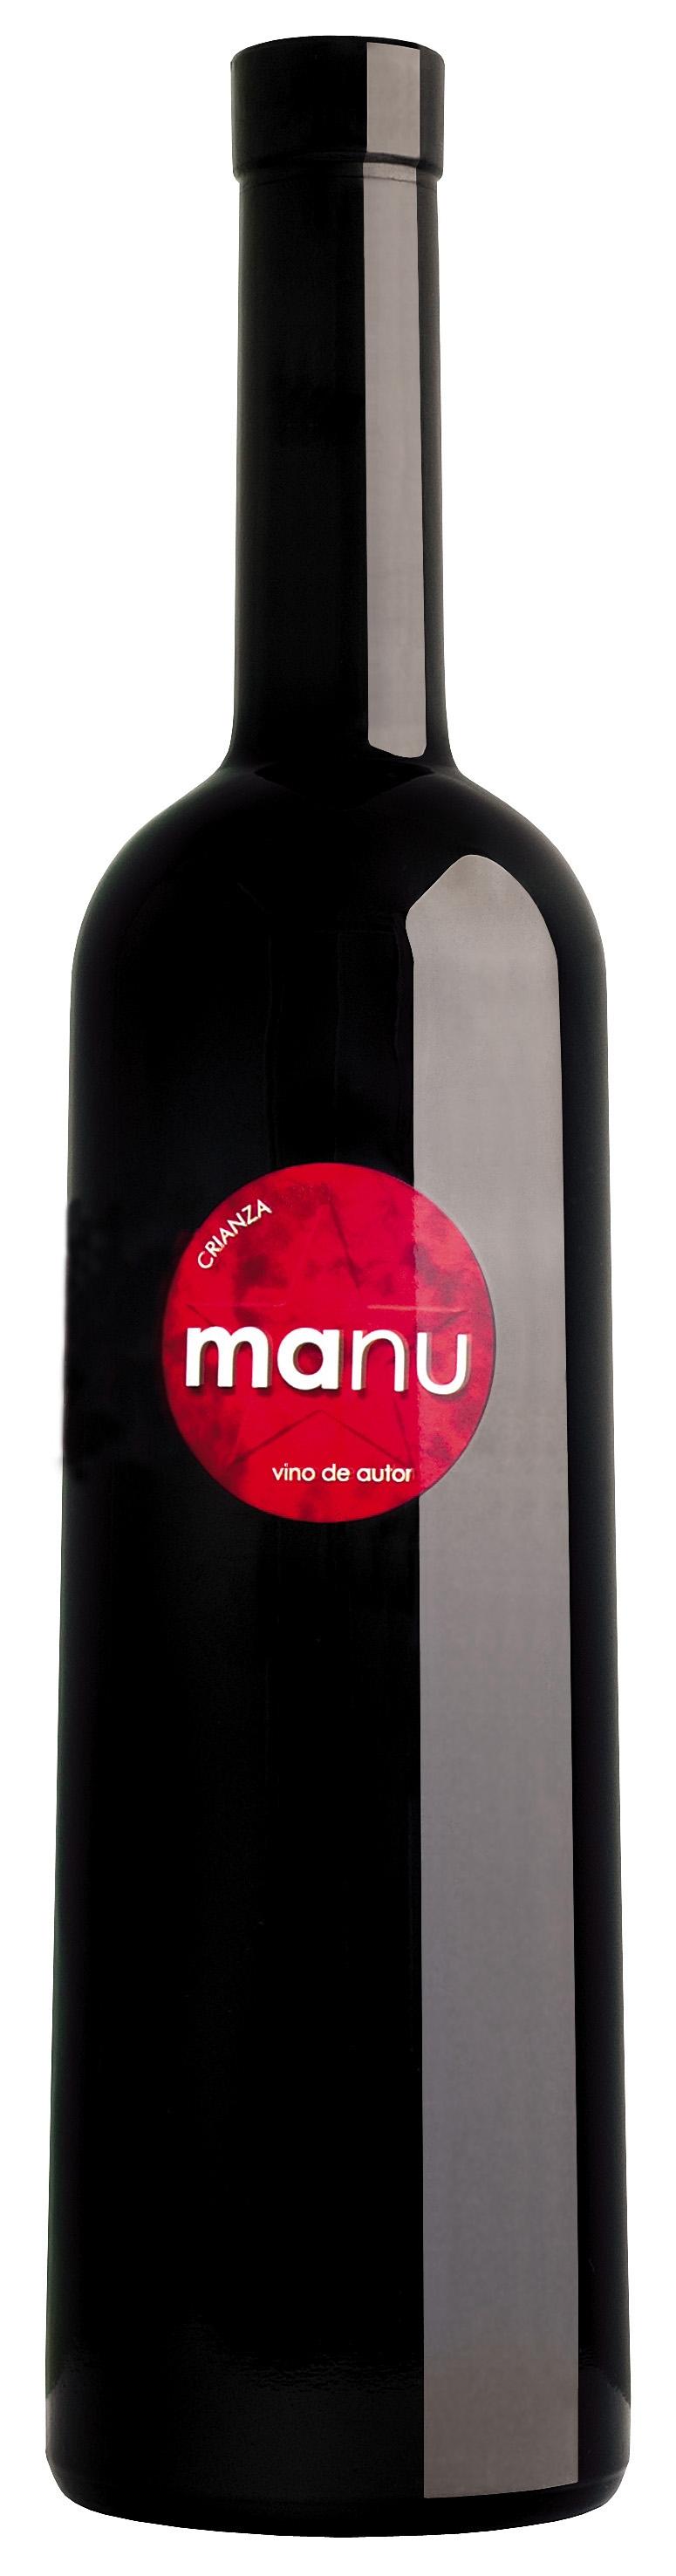 Manu Vino De Autor 2011